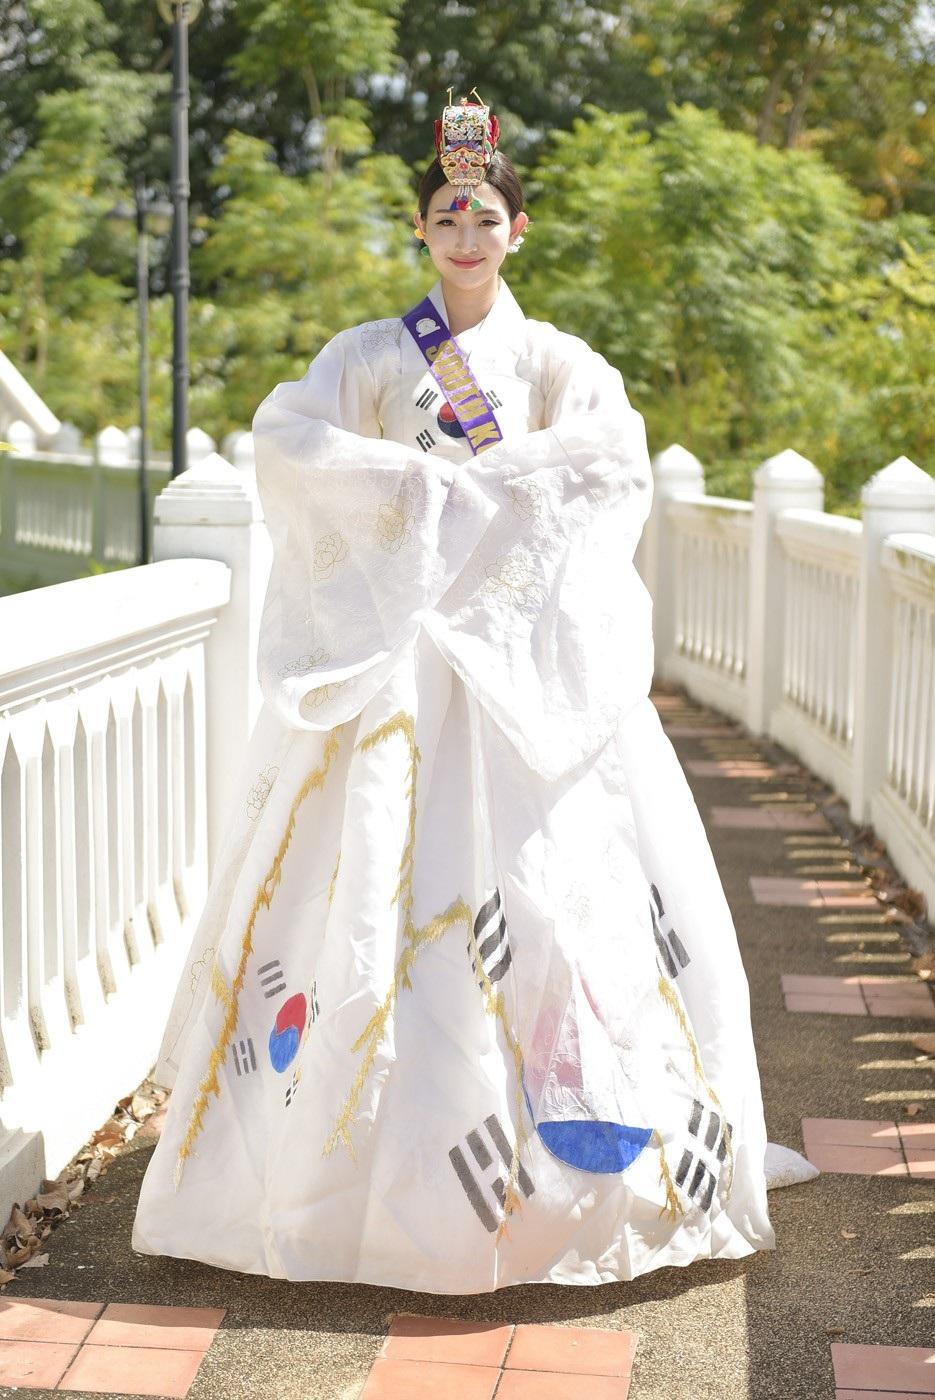 Trang phục Hàn Quốc vẫn dựa trên hình dáng của trang phục truyền thống